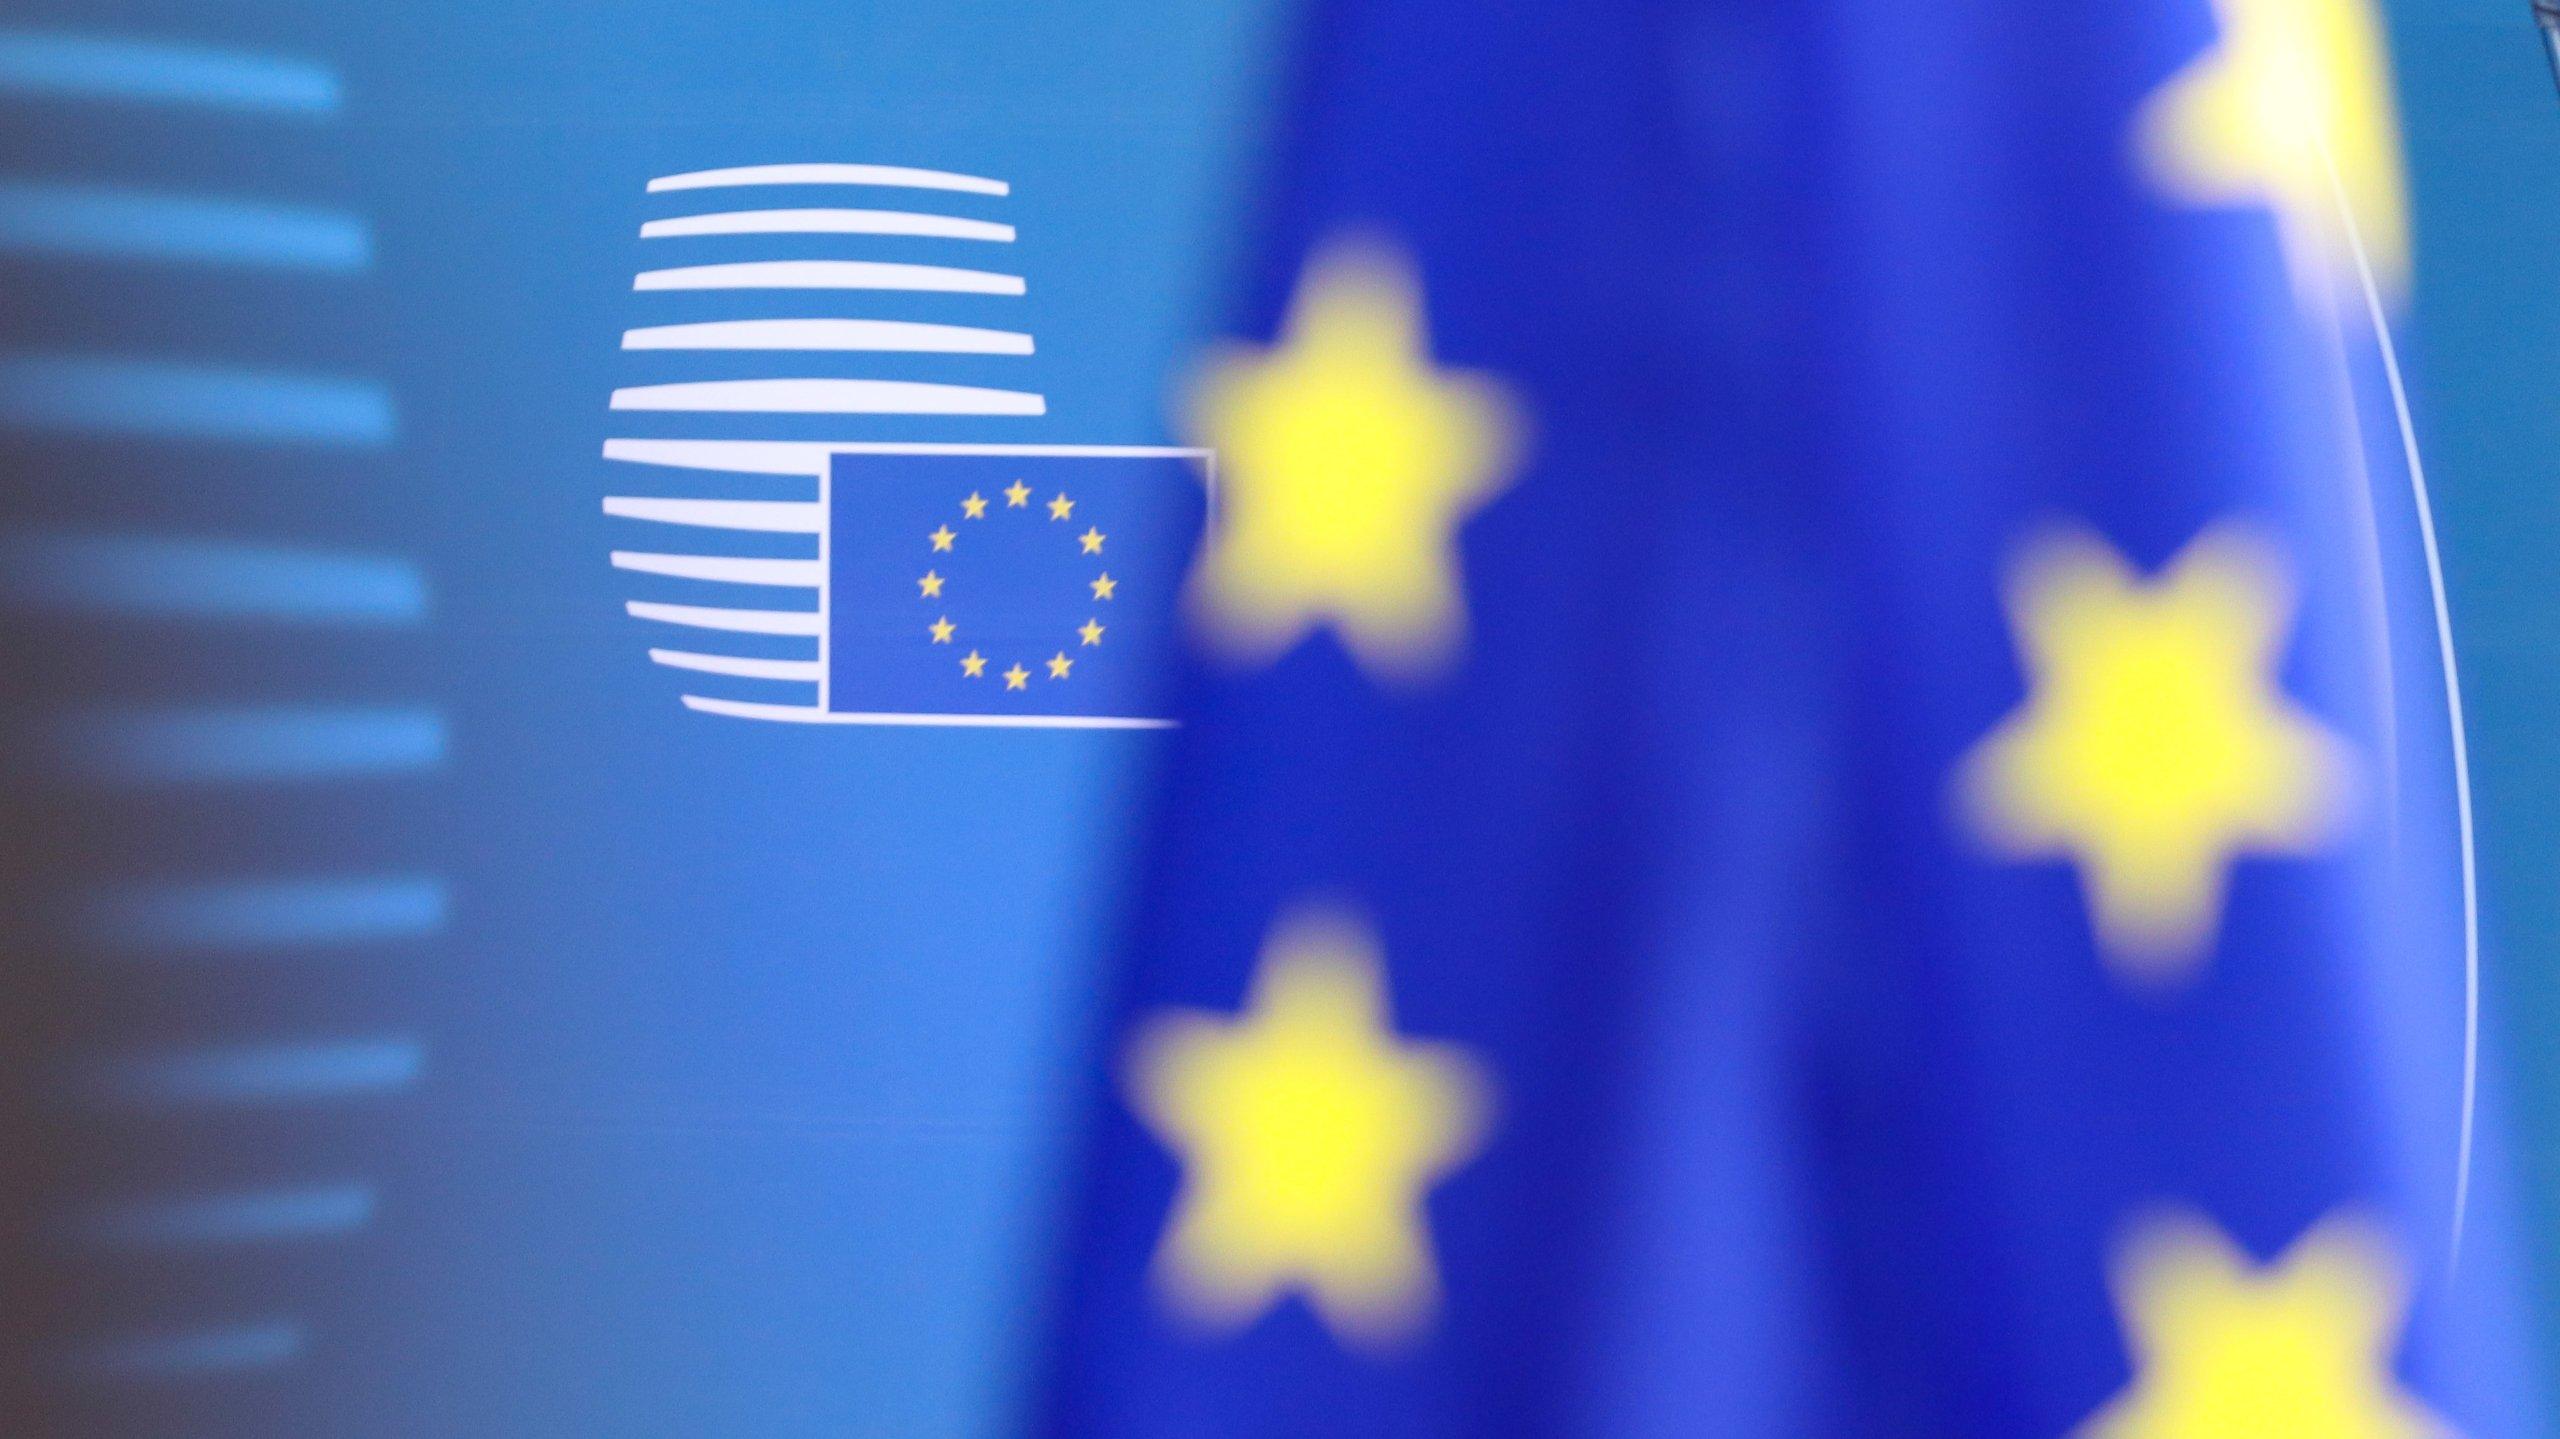 EU Flags At The European Council